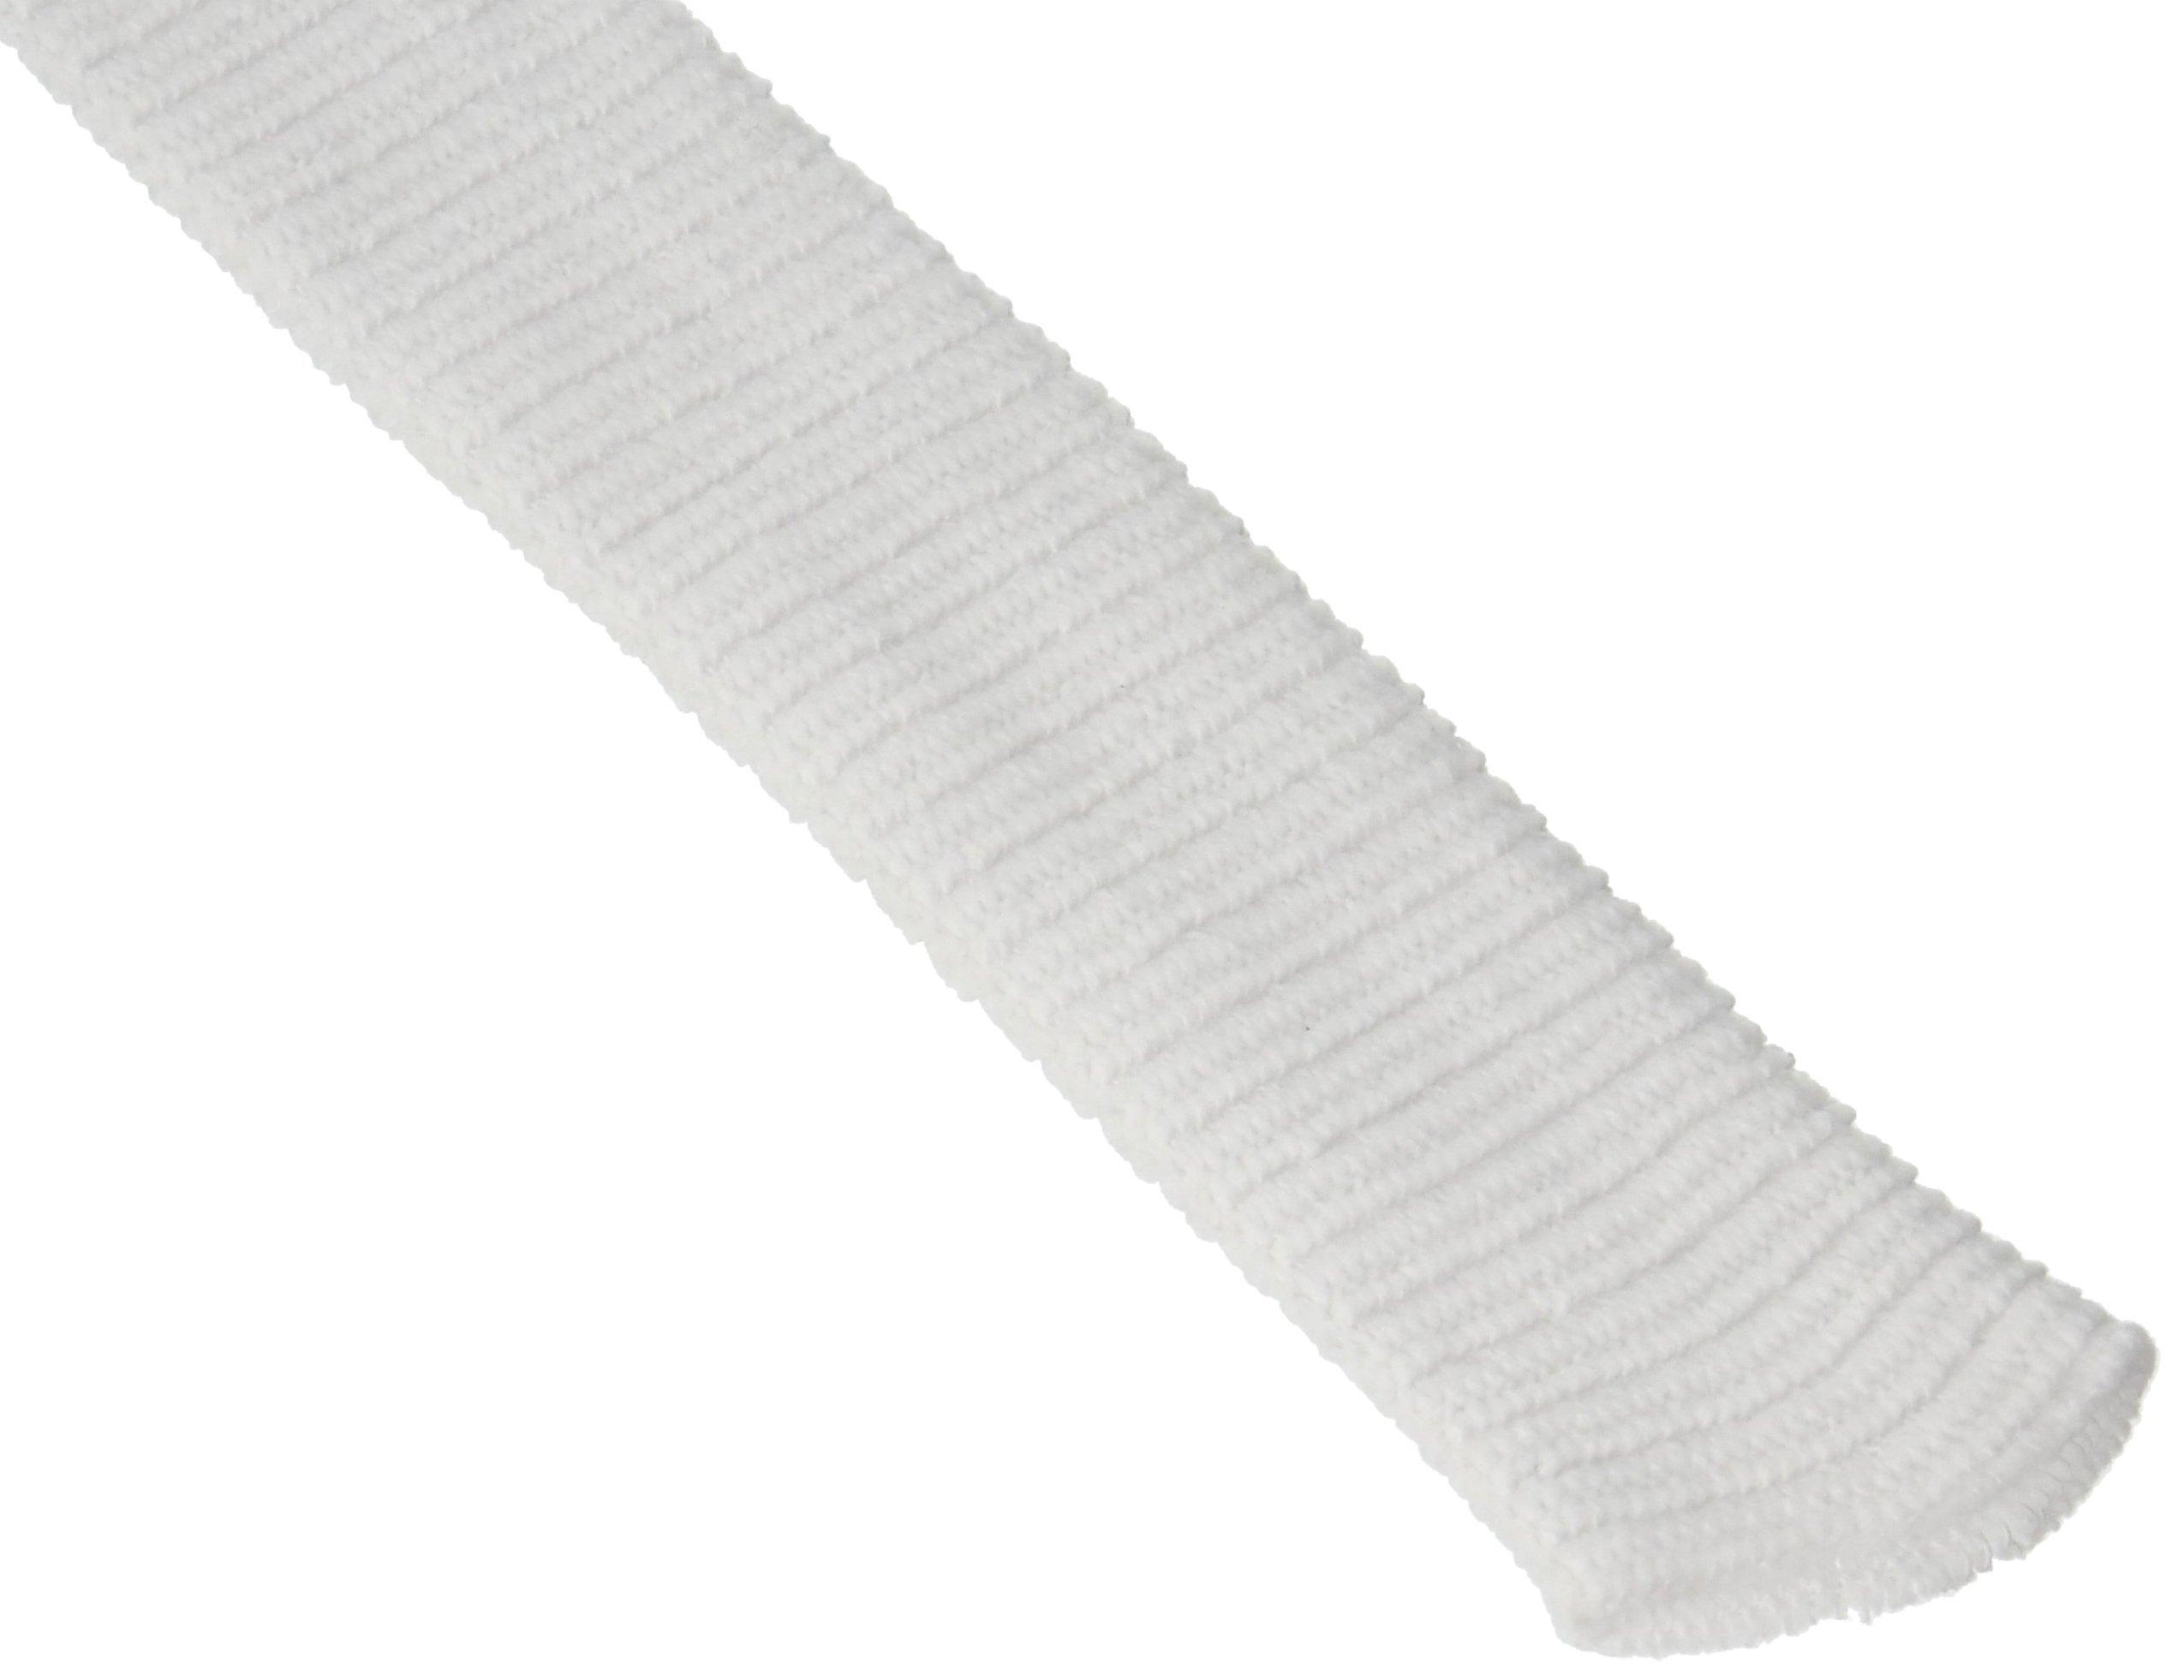 Derma Sciences GL707 Surgilast Tubular Elastic Dressing Retainer, Medium Head, Shoulder, Thigh, 25 yd Roll, 19.75'' Width, Working Stretch, Size 6